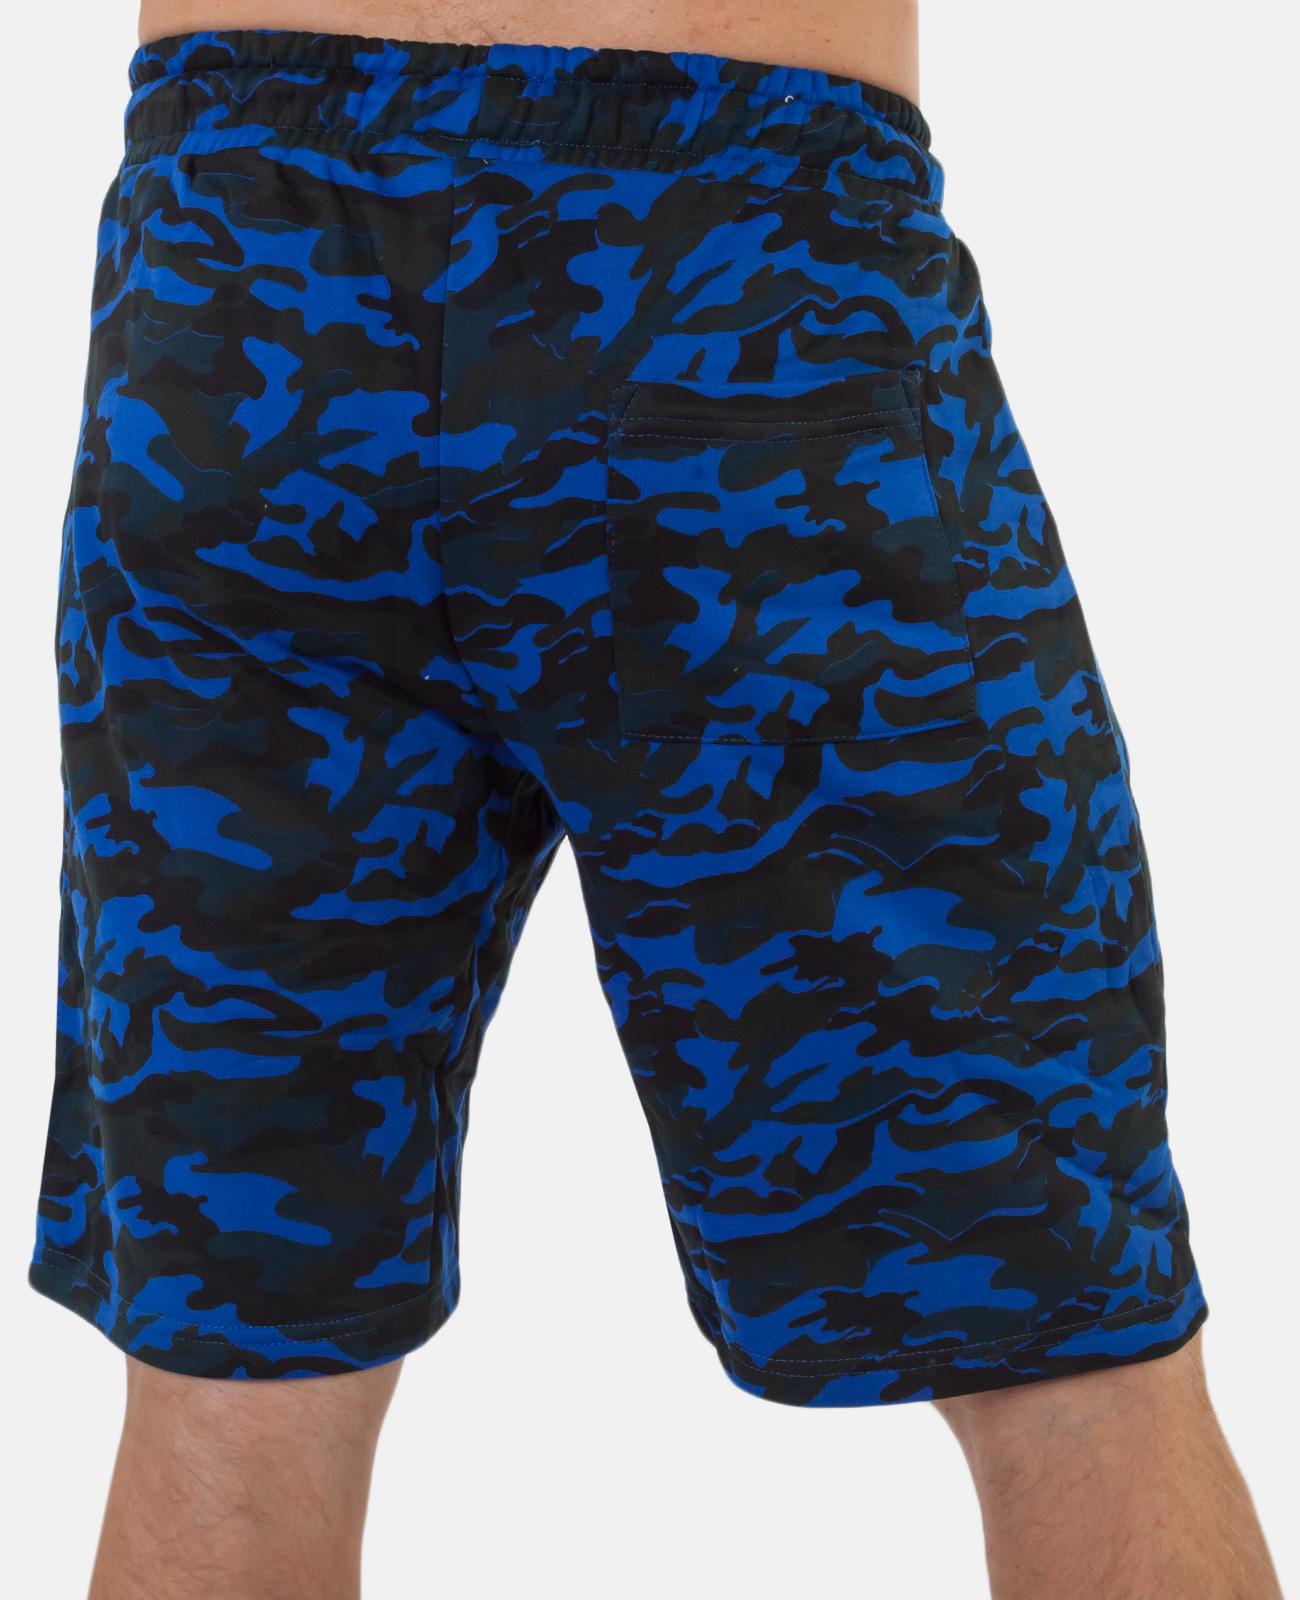 Мужские камуфляжные шорты до колен купить онлайн